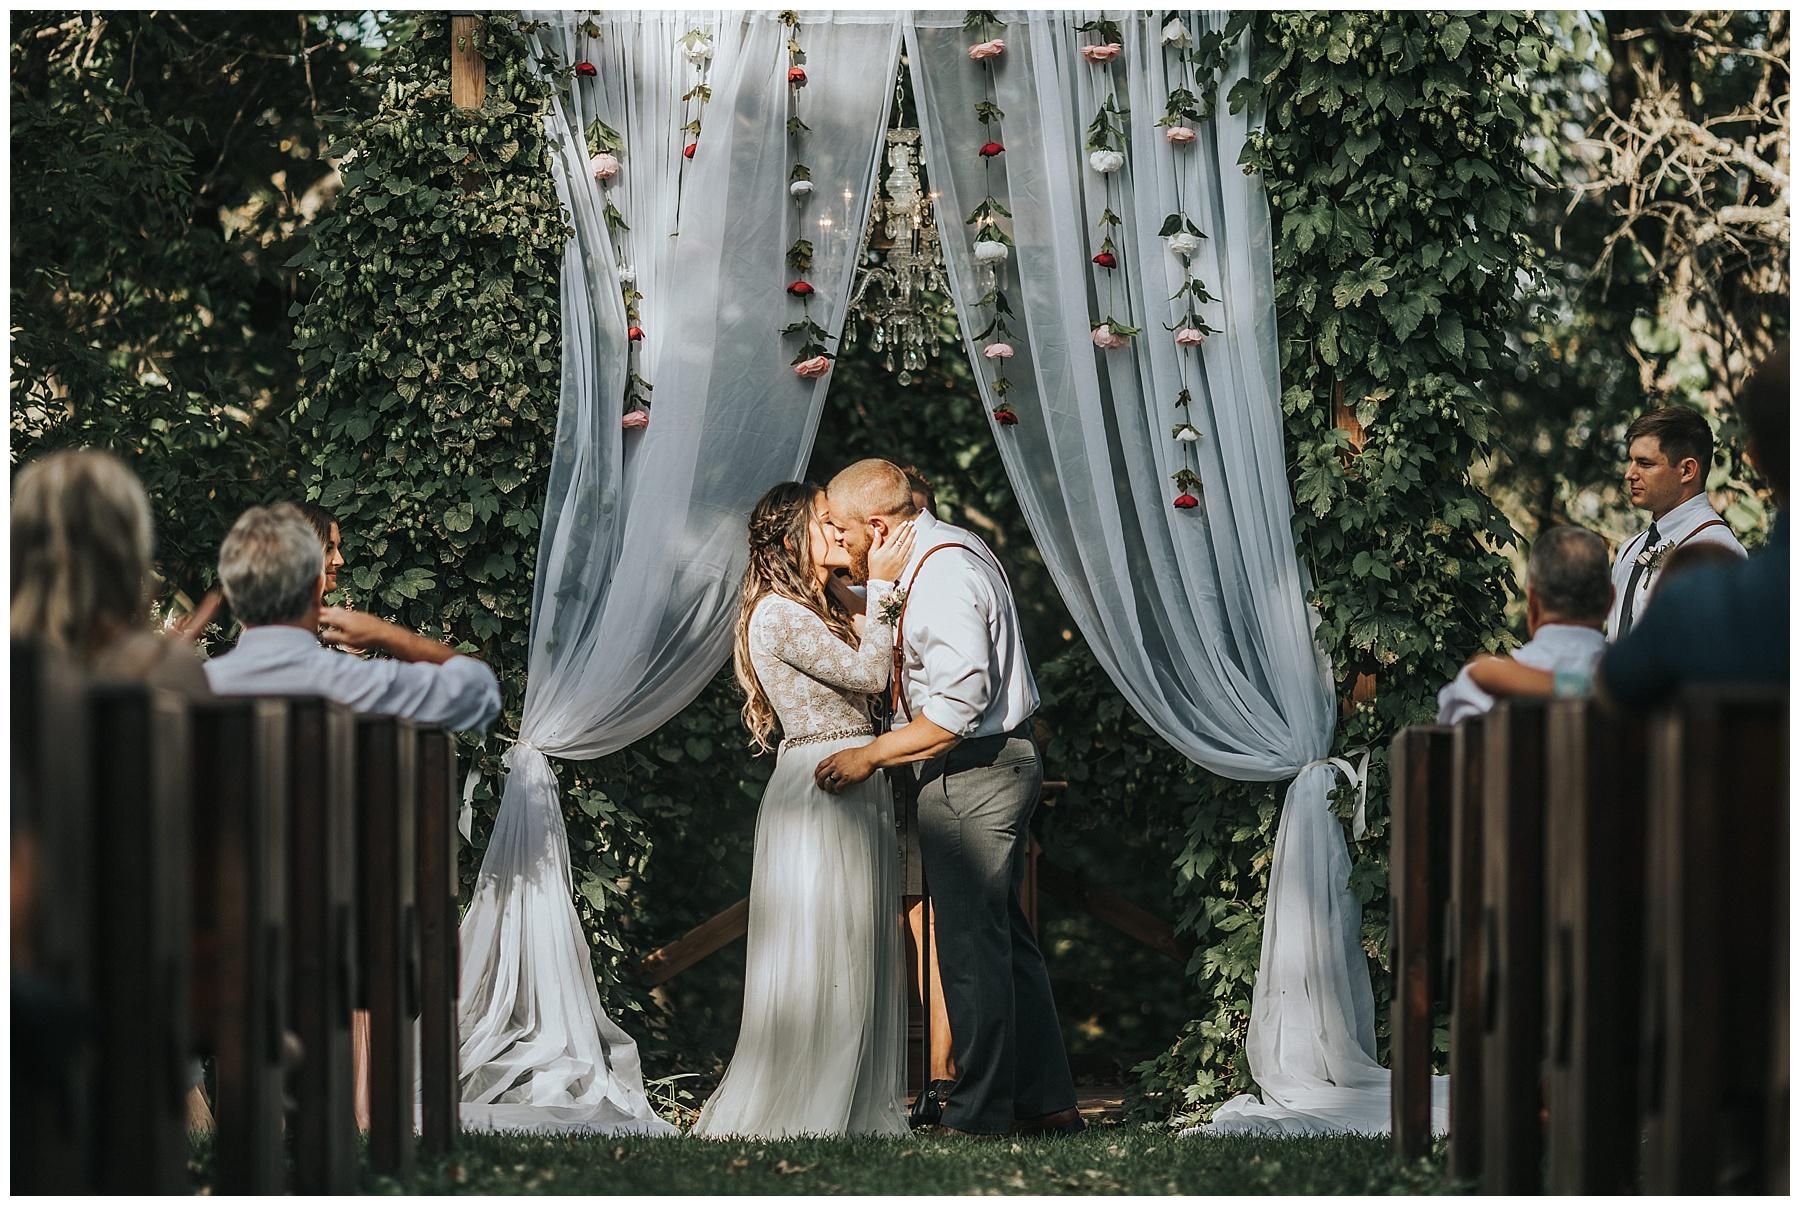 First kiss at Diamond Oak Events